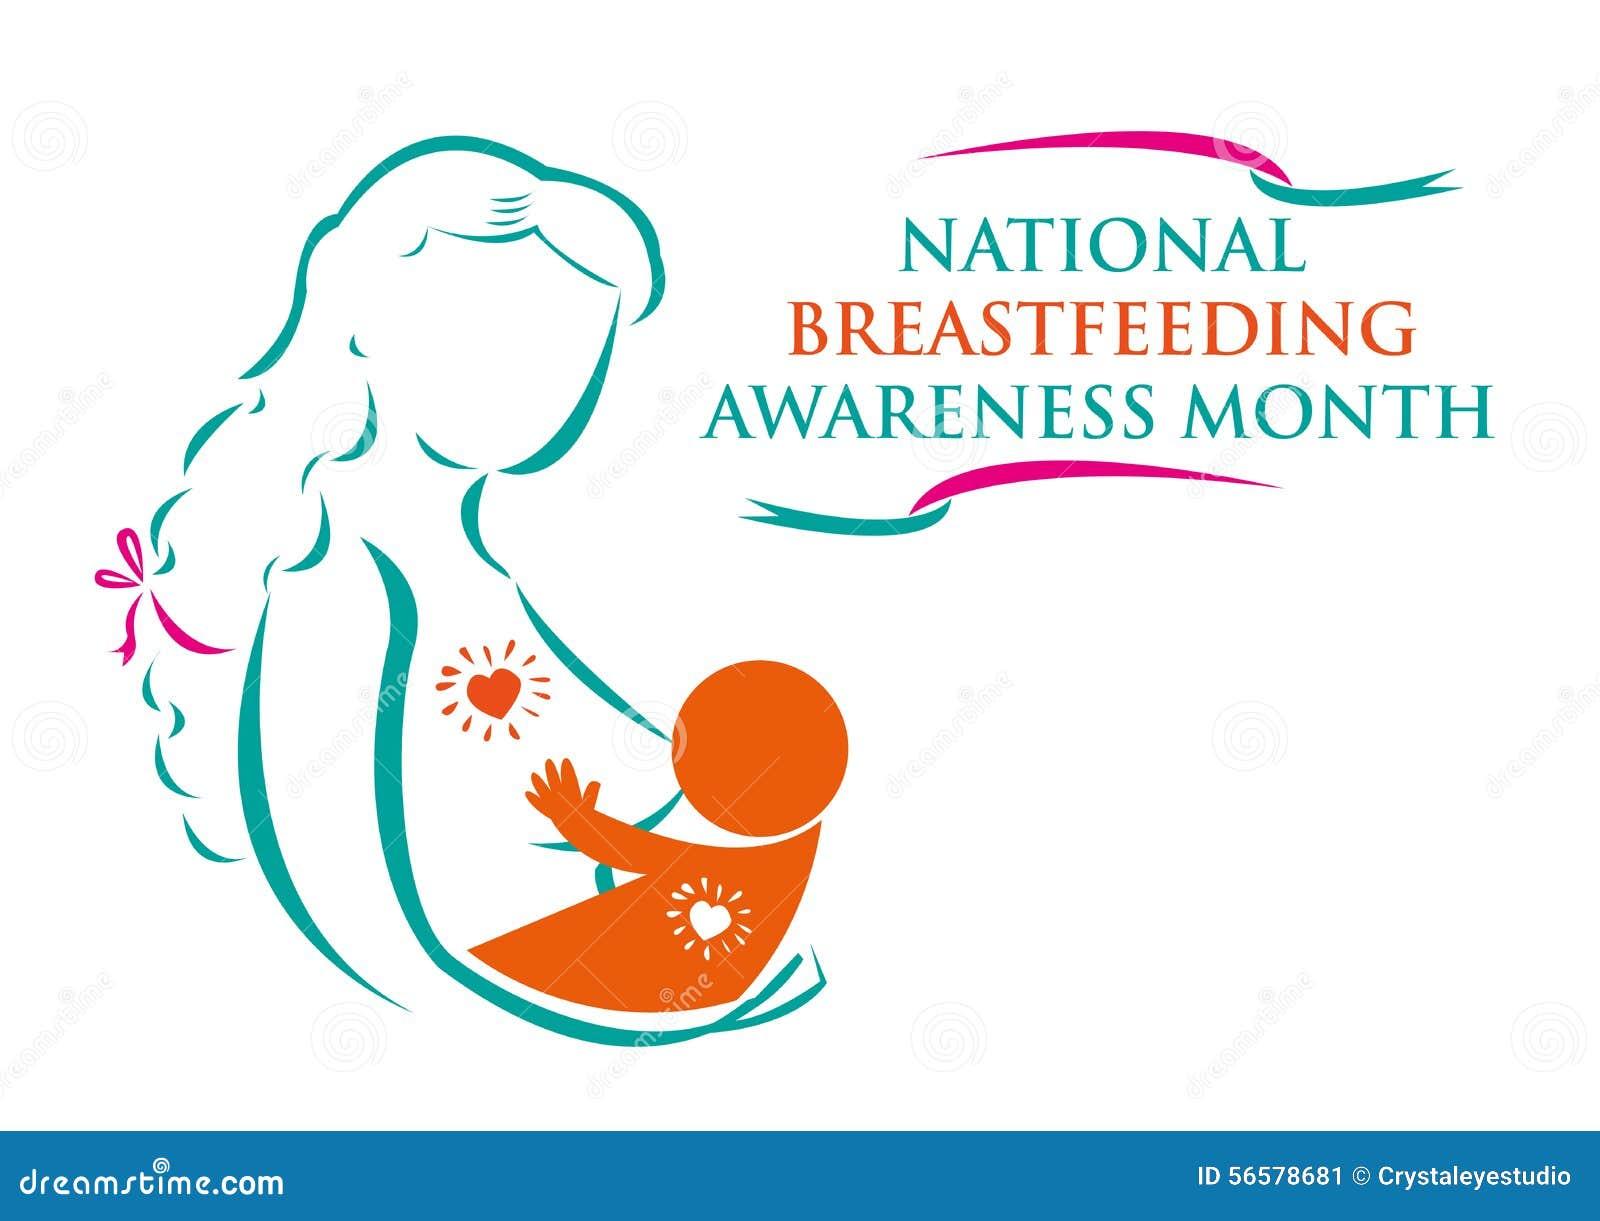 breastfeeding stock illustrations 1 045 breastfeeding stock rh dreamstime com breastfeeding clipart free breastfeeding clipart